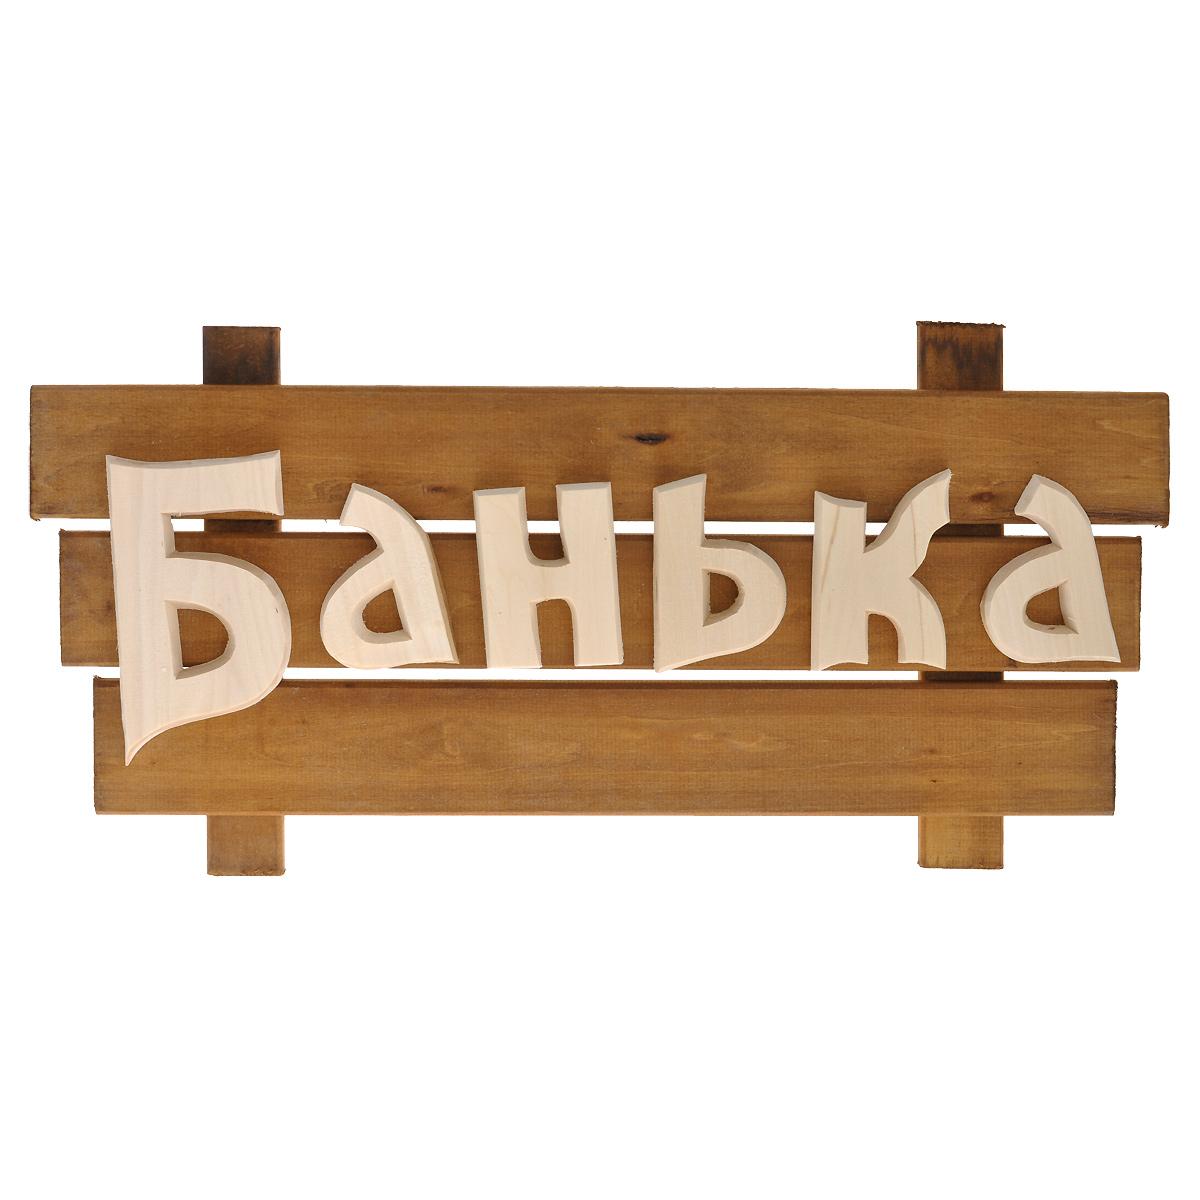 """Оригинальная табличка Банные штучки """"Банька"""" выполнена из древесины липы. Табличка может крепиться к двери или к стене с помощью шурупов (в комплект не входят, отверстия не просверлены) или клея.   Табличка придаст определенный стиль вашей бане, а также просто украсит ее. Характеристики:   Материал: дерево (липа). Размер таблички: 59 см х 29 см х 4,5 см."""